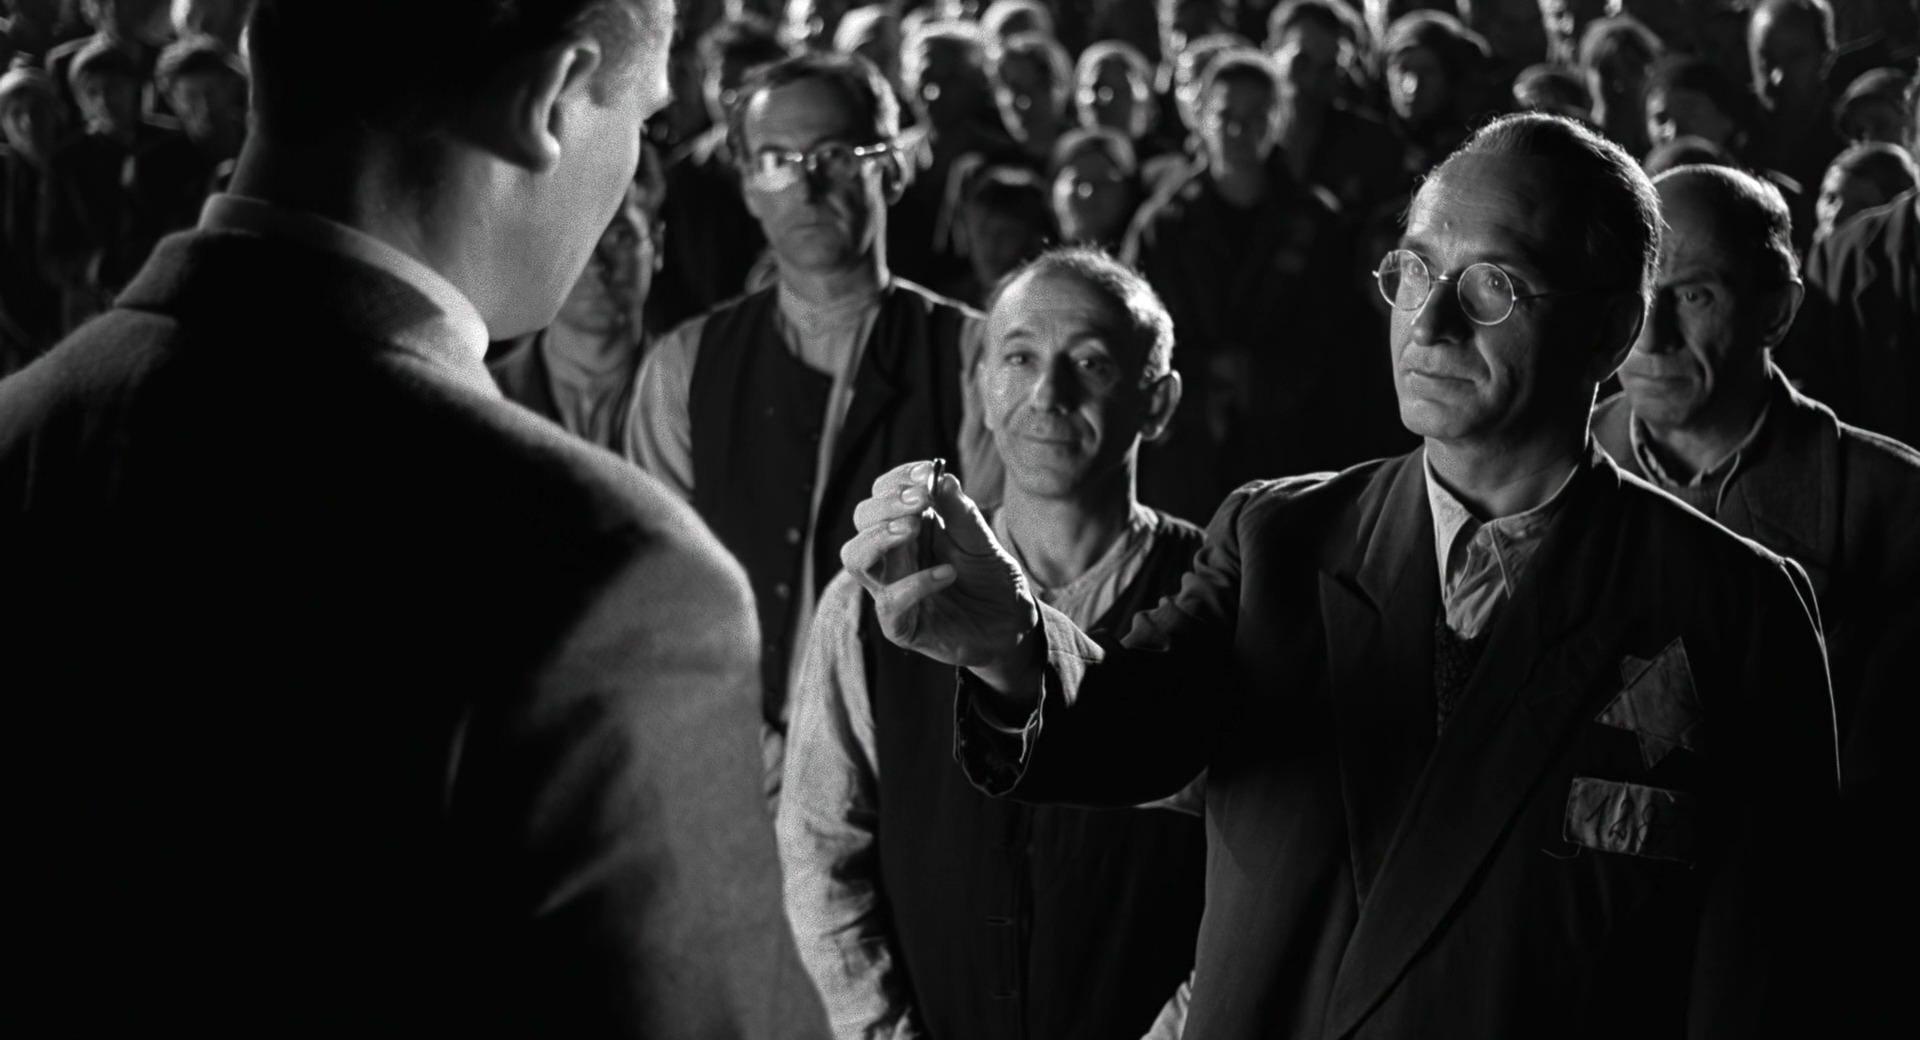 Liam Neeson, Ben Kingsley, and Ezra Dagan in Schindler's List (1993)